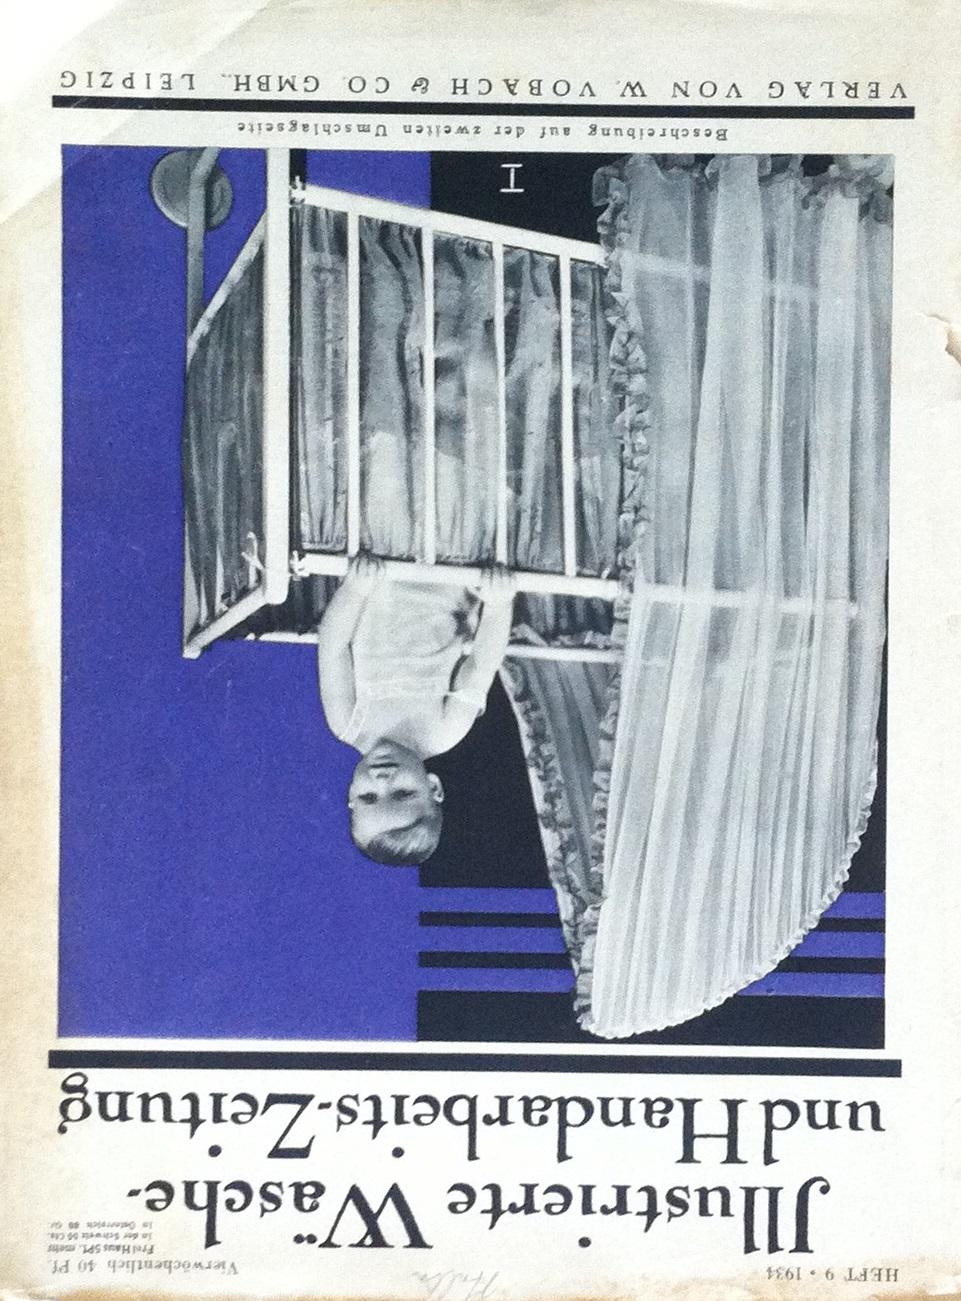 Illustrierte Wäsche- und Handarbeits-Zeitung No. 9 1934